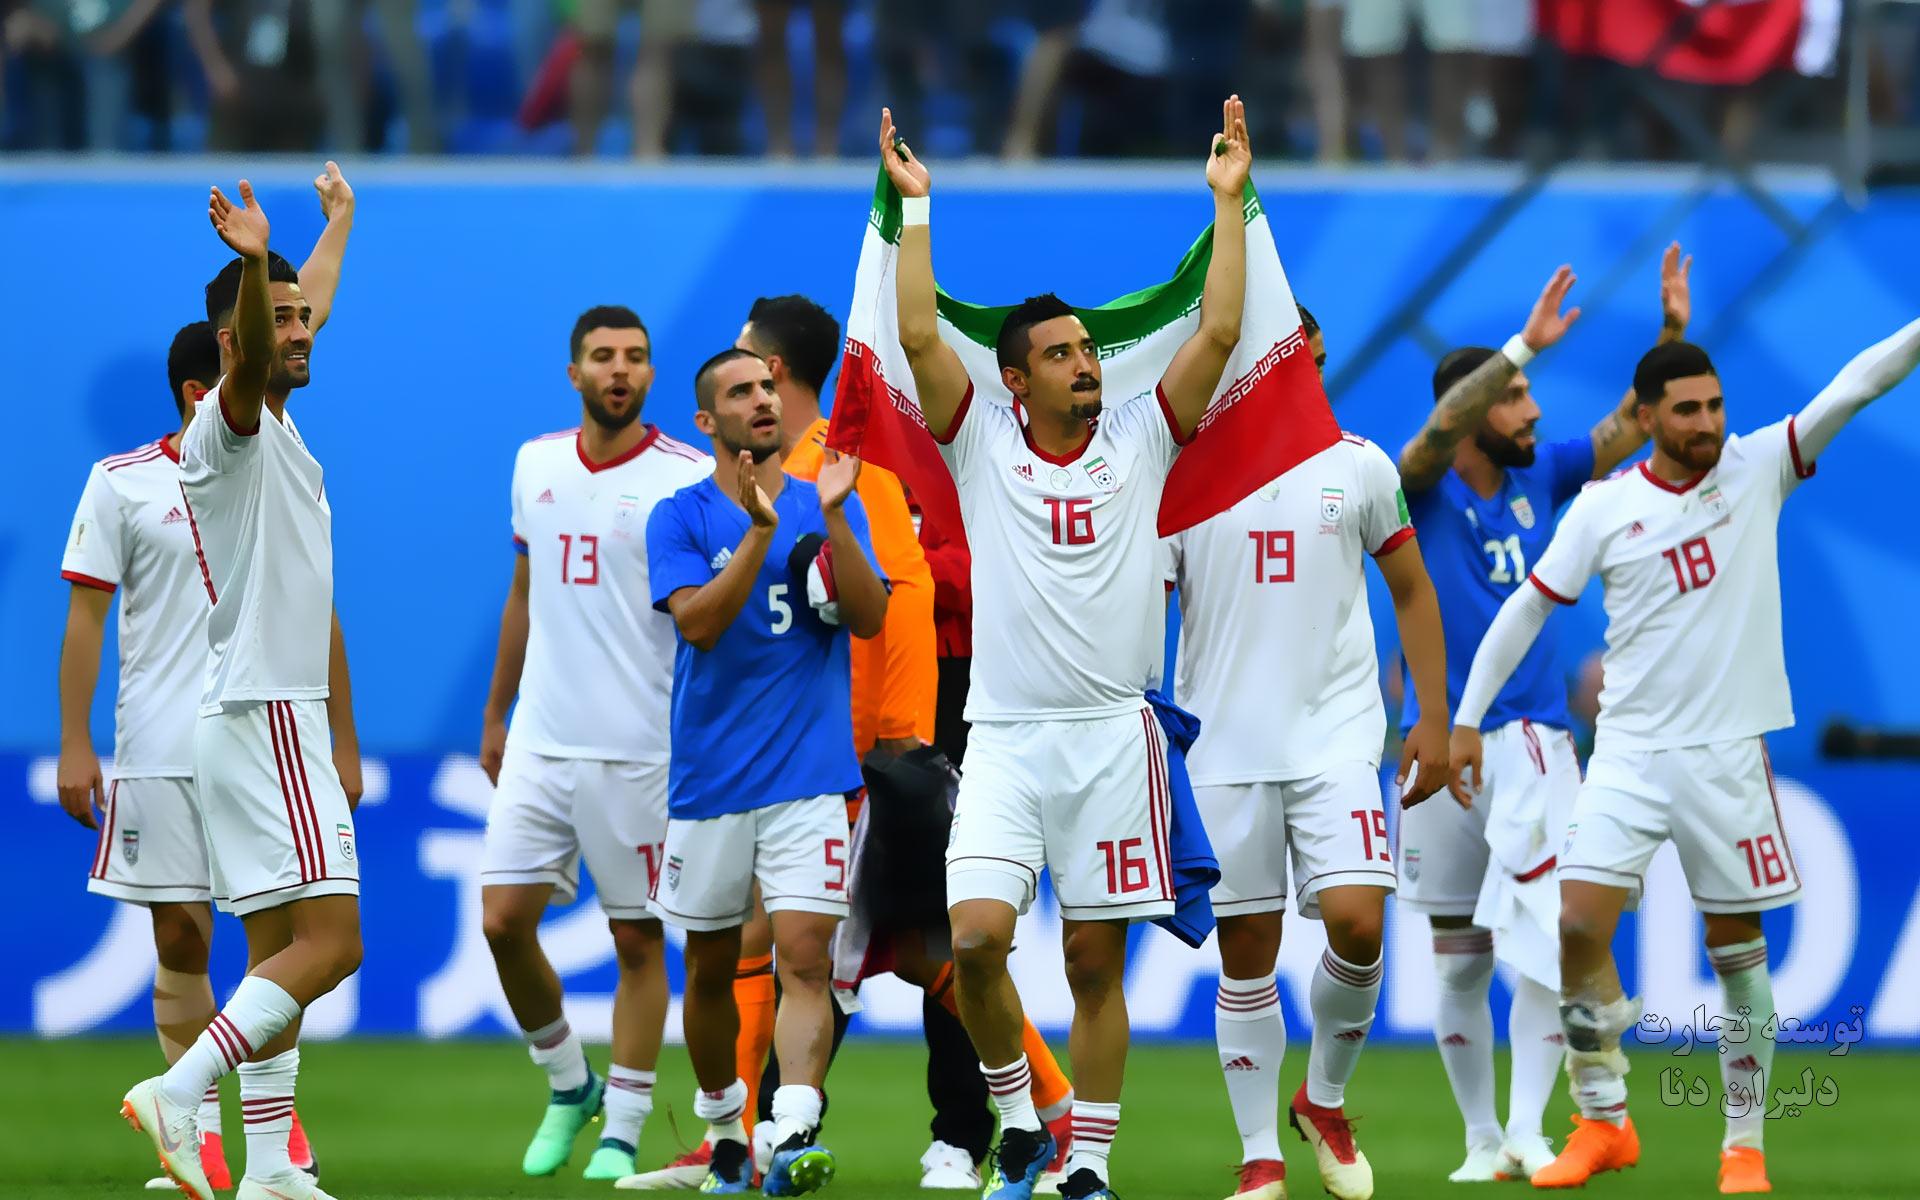 تصاویر با کیفیت تیم ملی فوتبال ایران برای پس زمینه 3